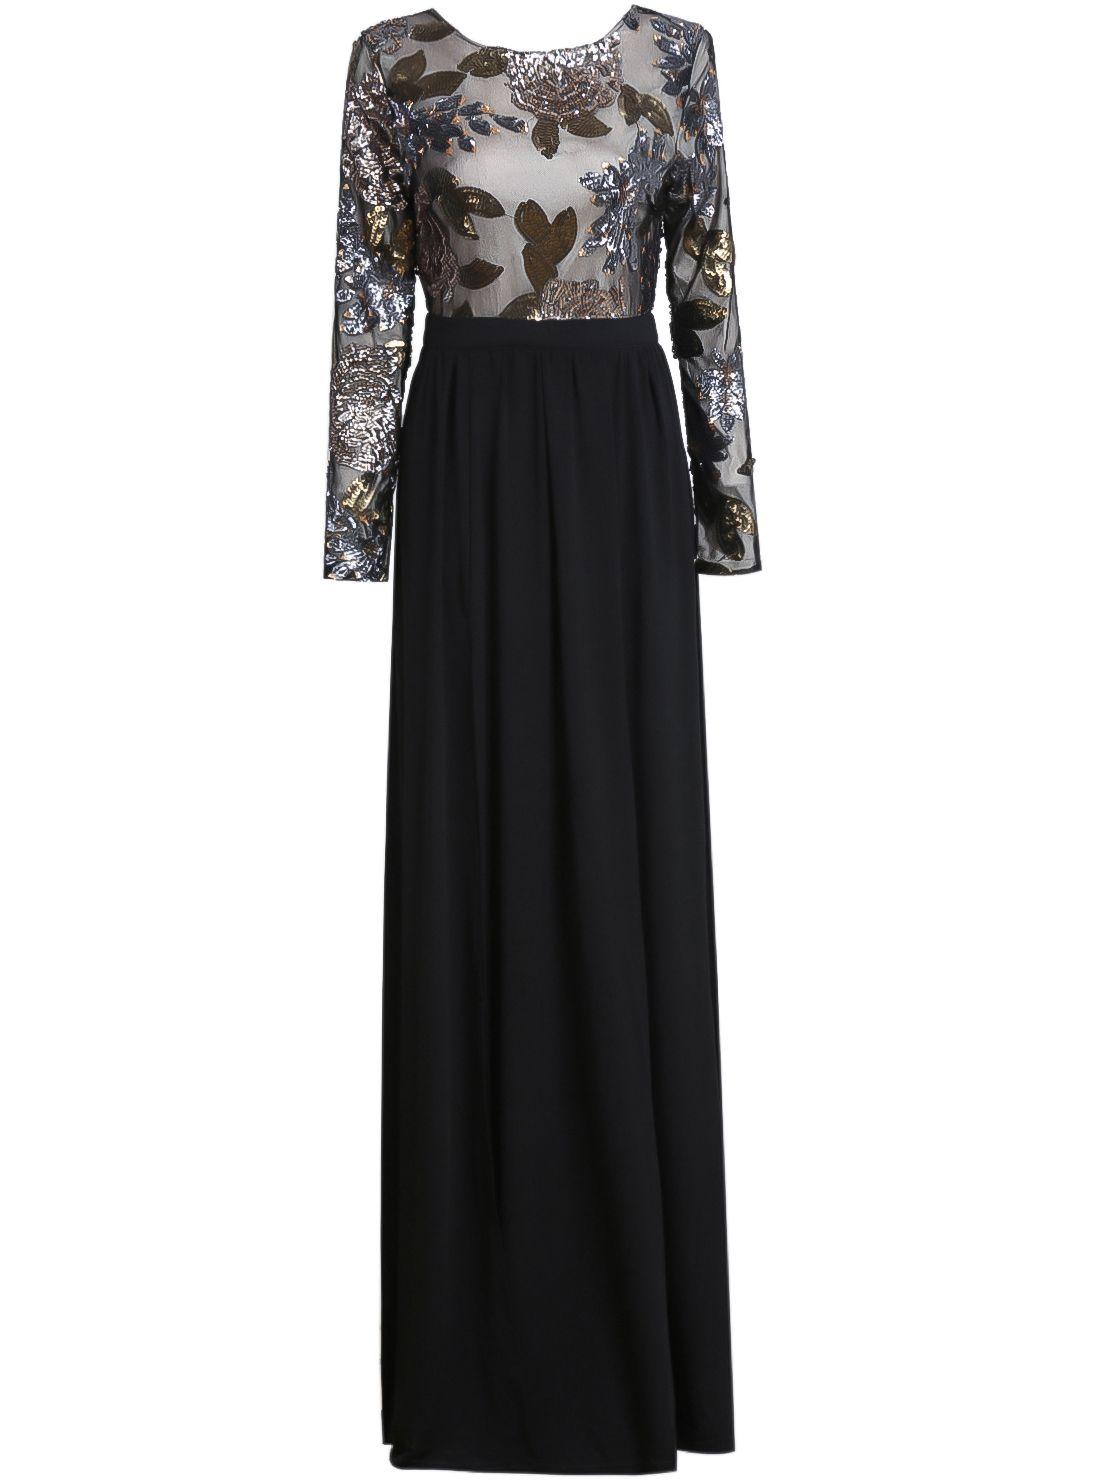 Vestido maxi bordado manga larganegro hijab and outfits